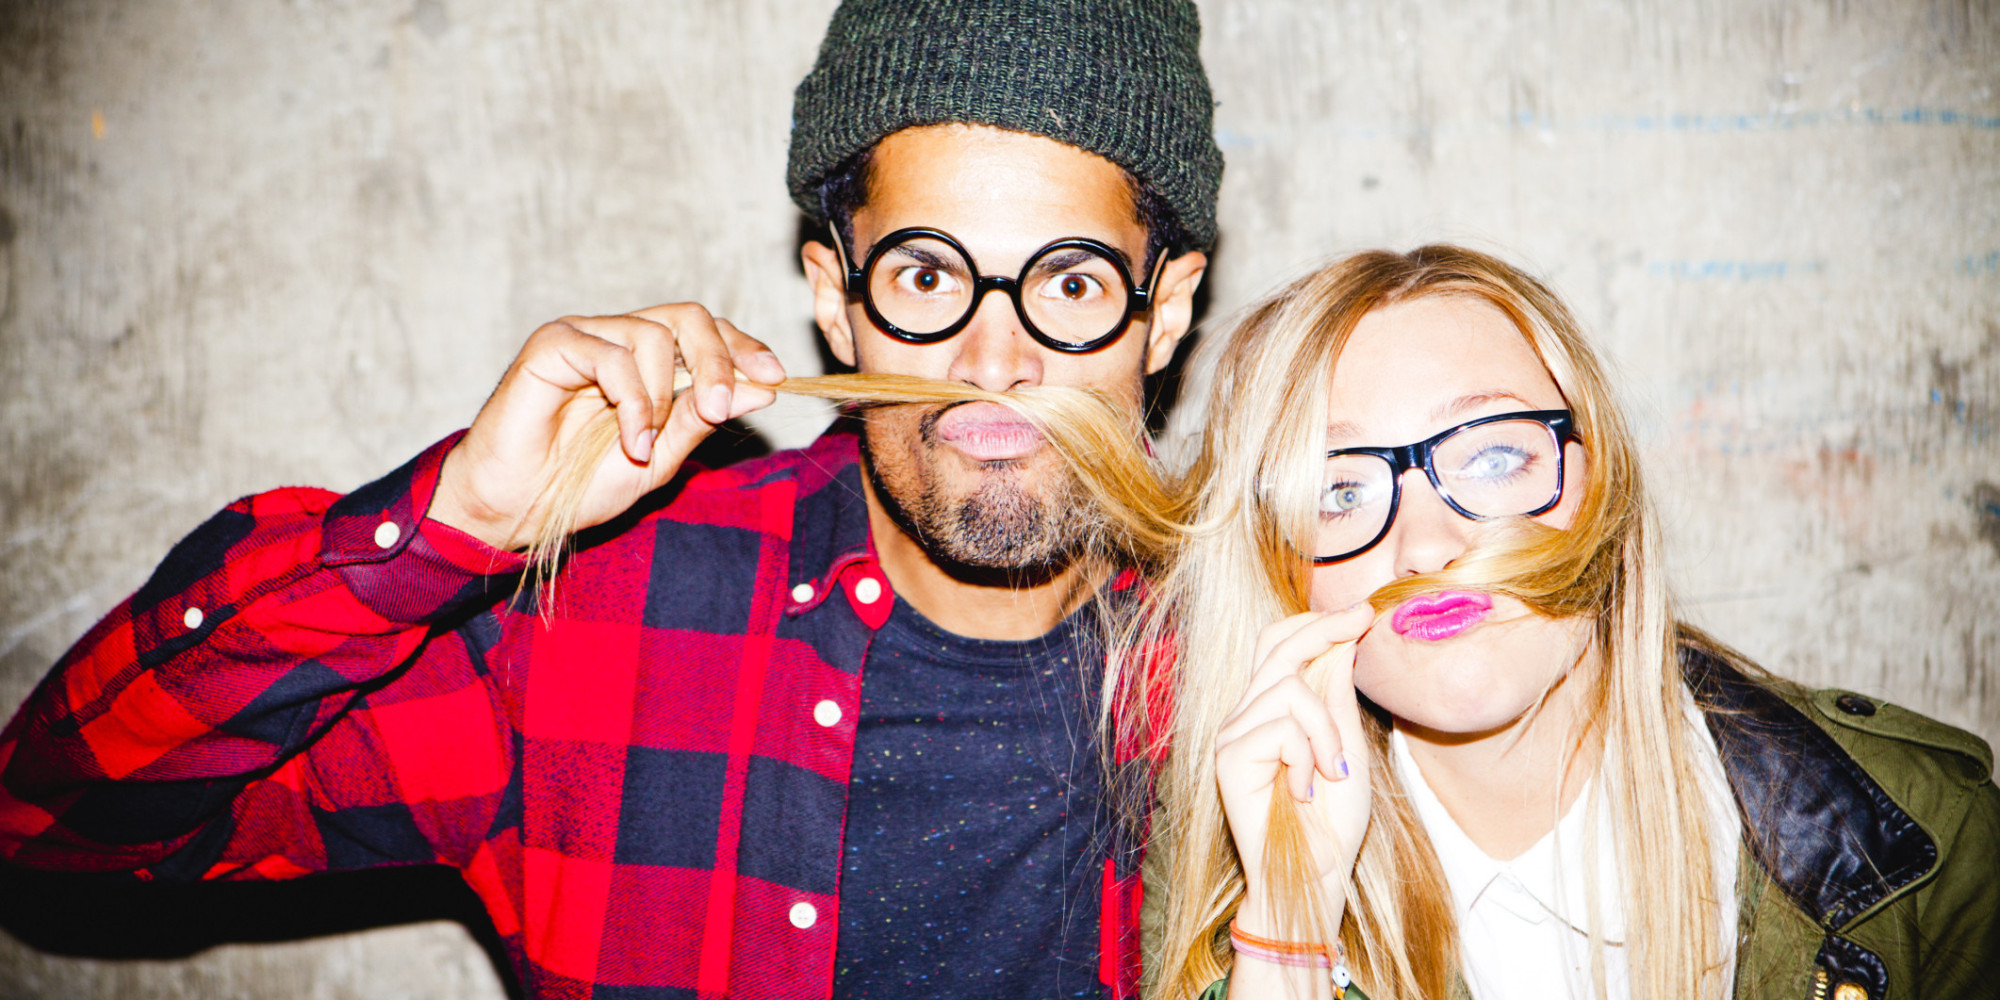 Mężczyzna w czapce i okularach i blondynka w okularach